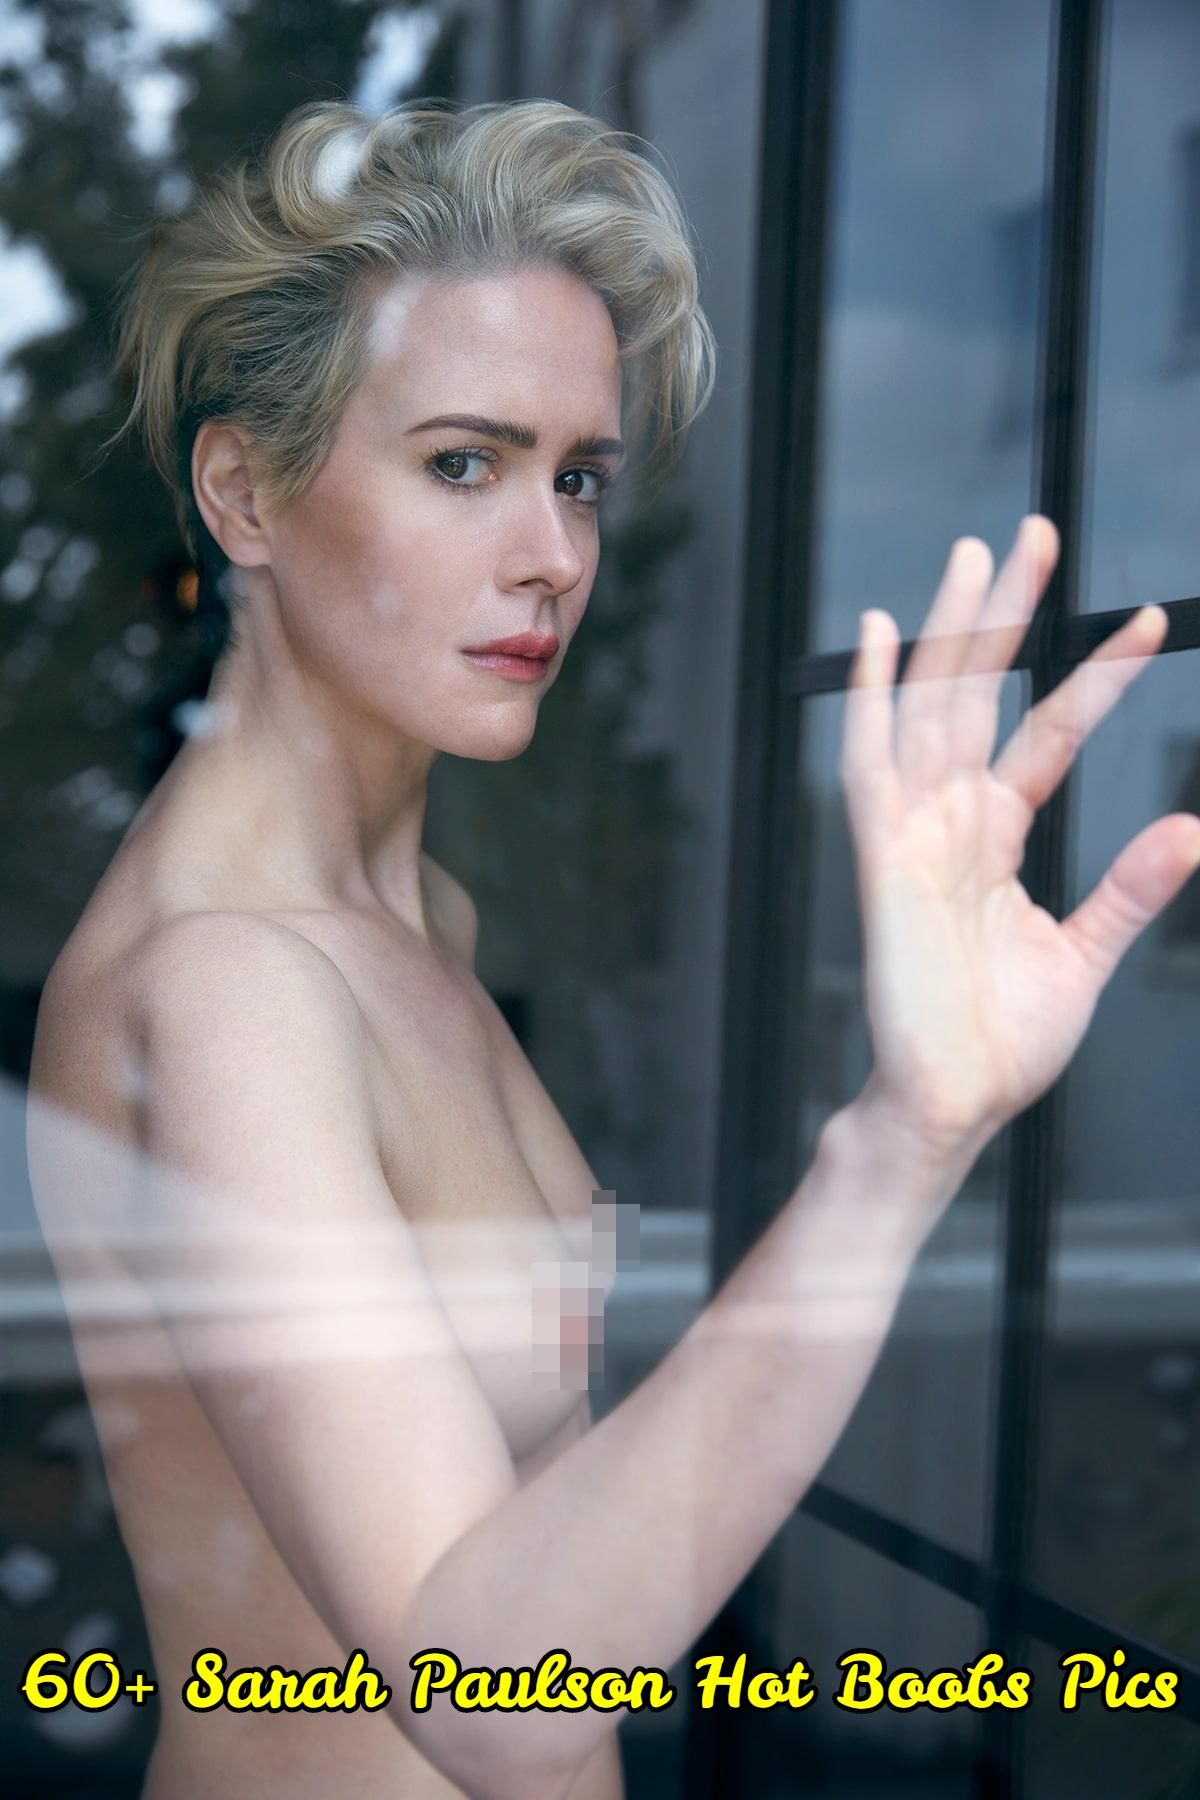 Sarah Paulson hot boobs pics